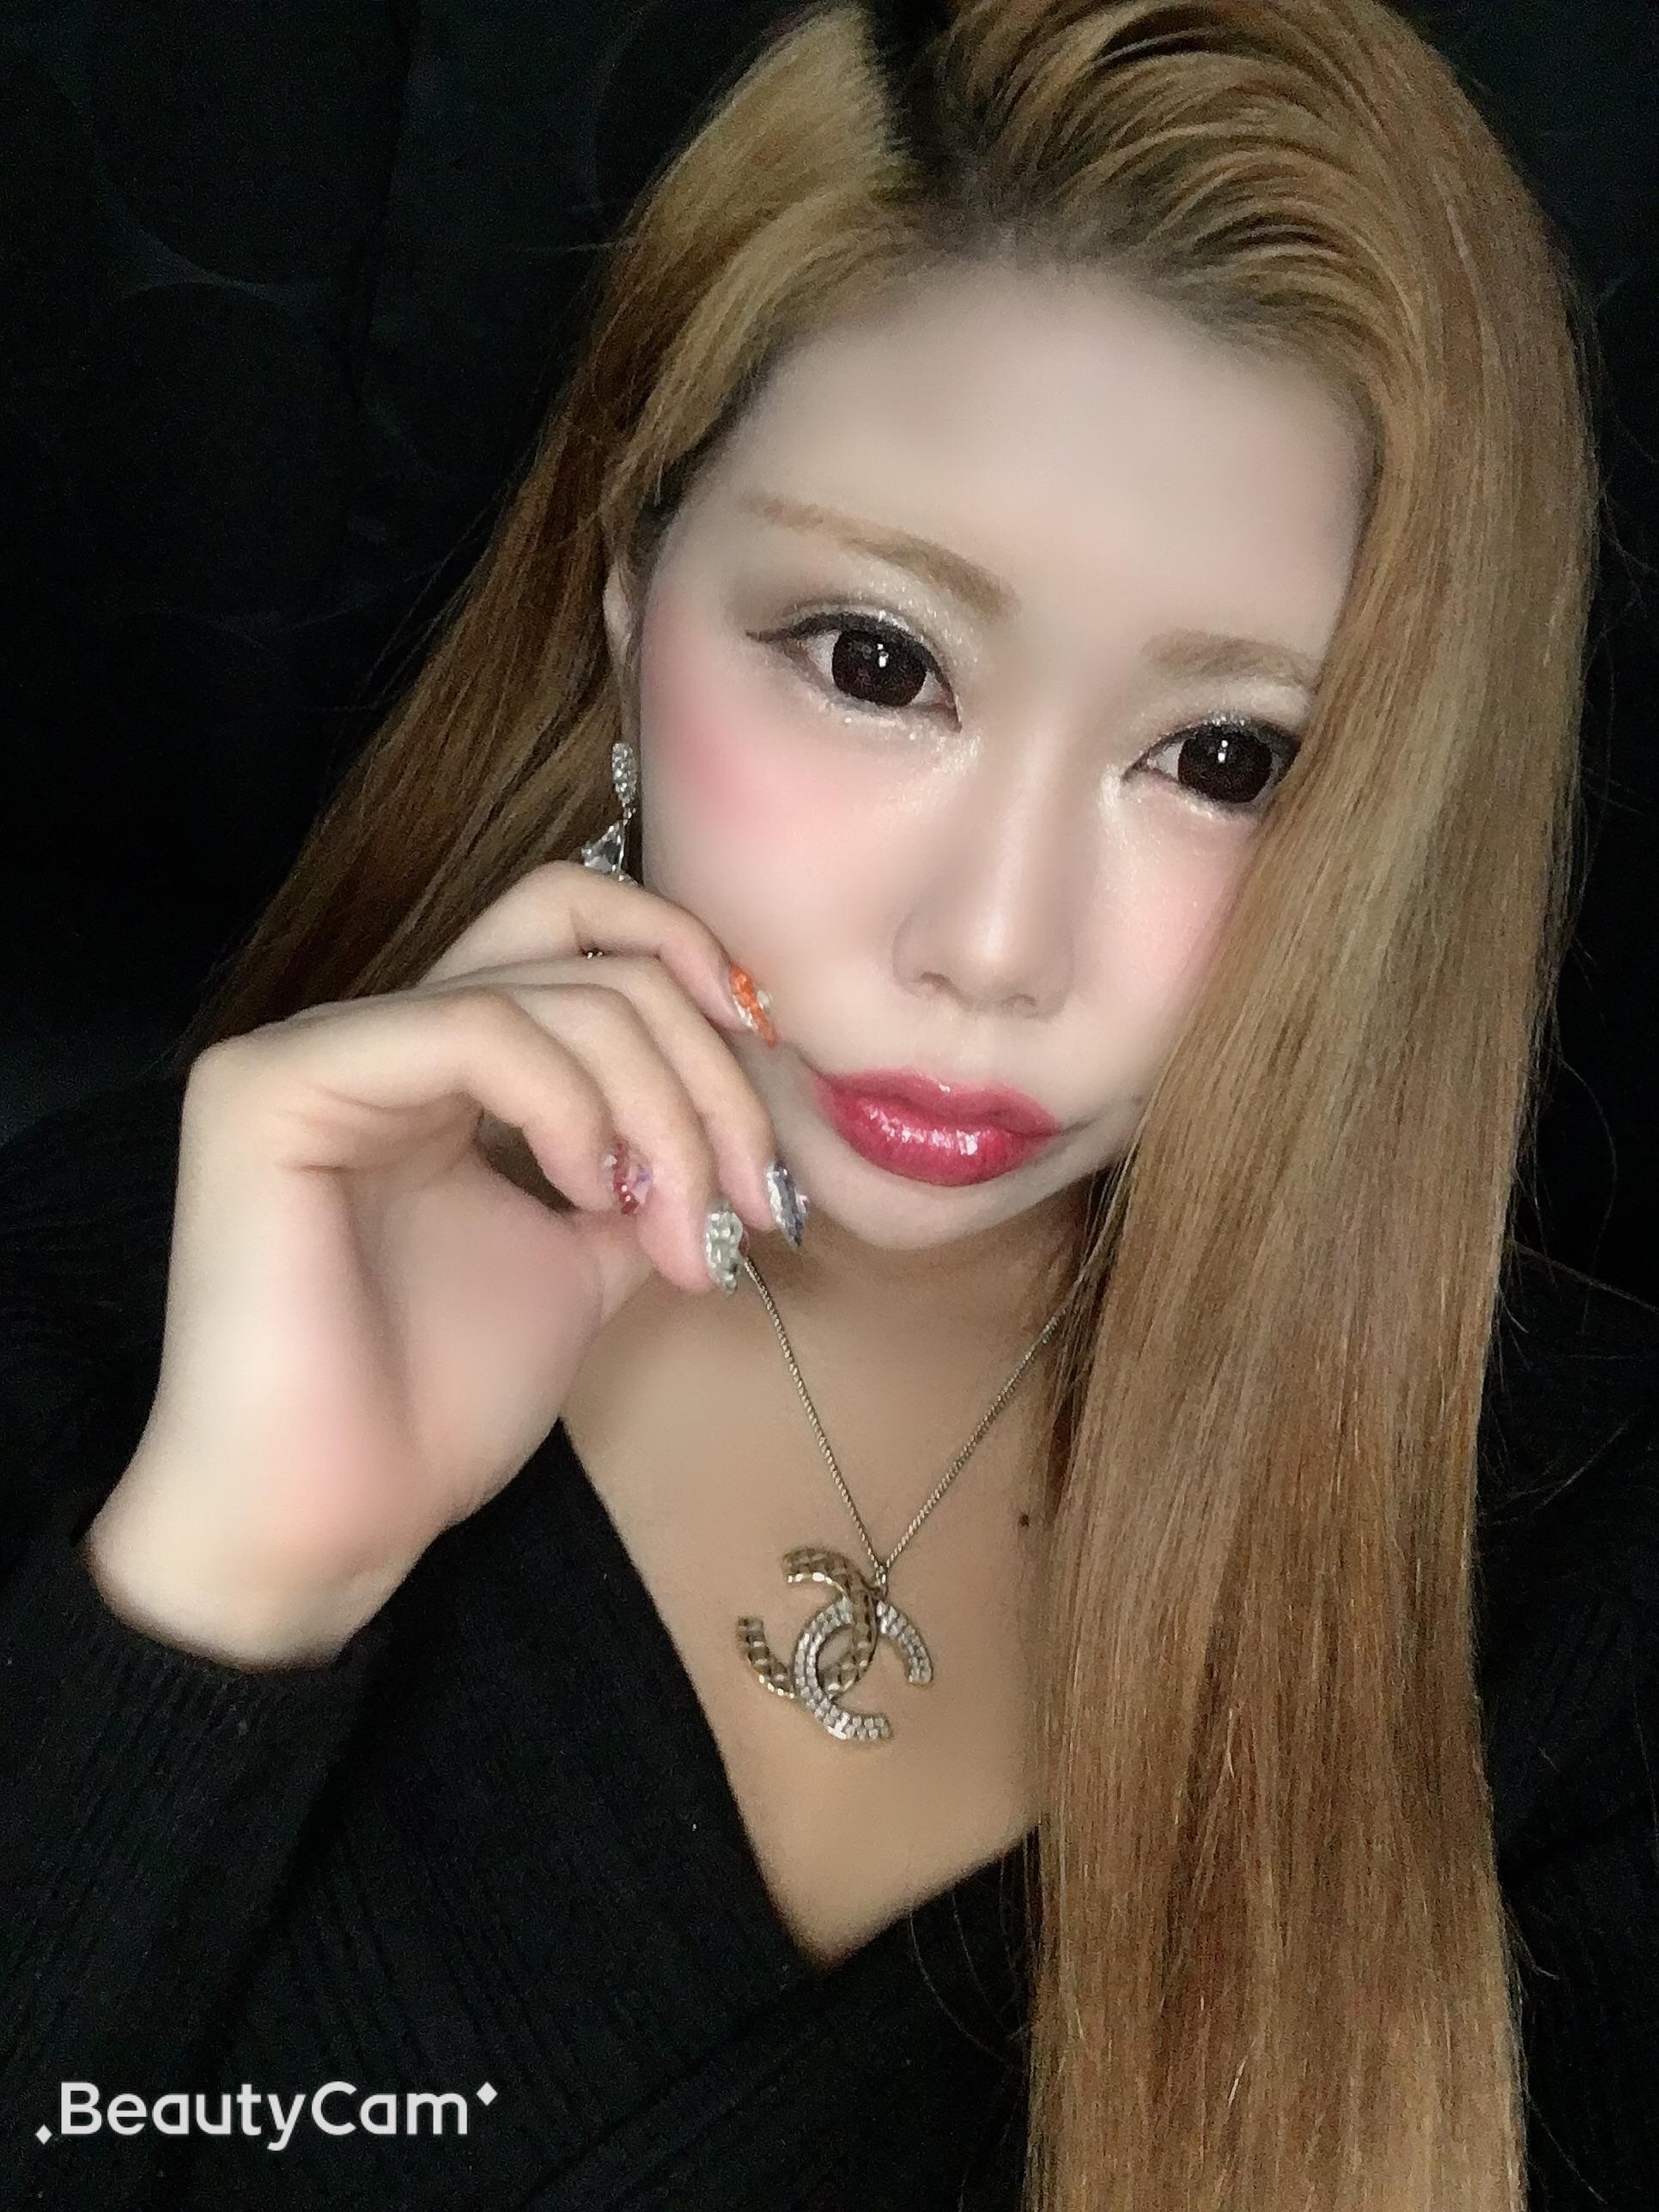 「空きあります♡」01/14(01/14) 02:42 | キラリ【逢えば納得の逸材業界初娘】の写メ・風俗動画